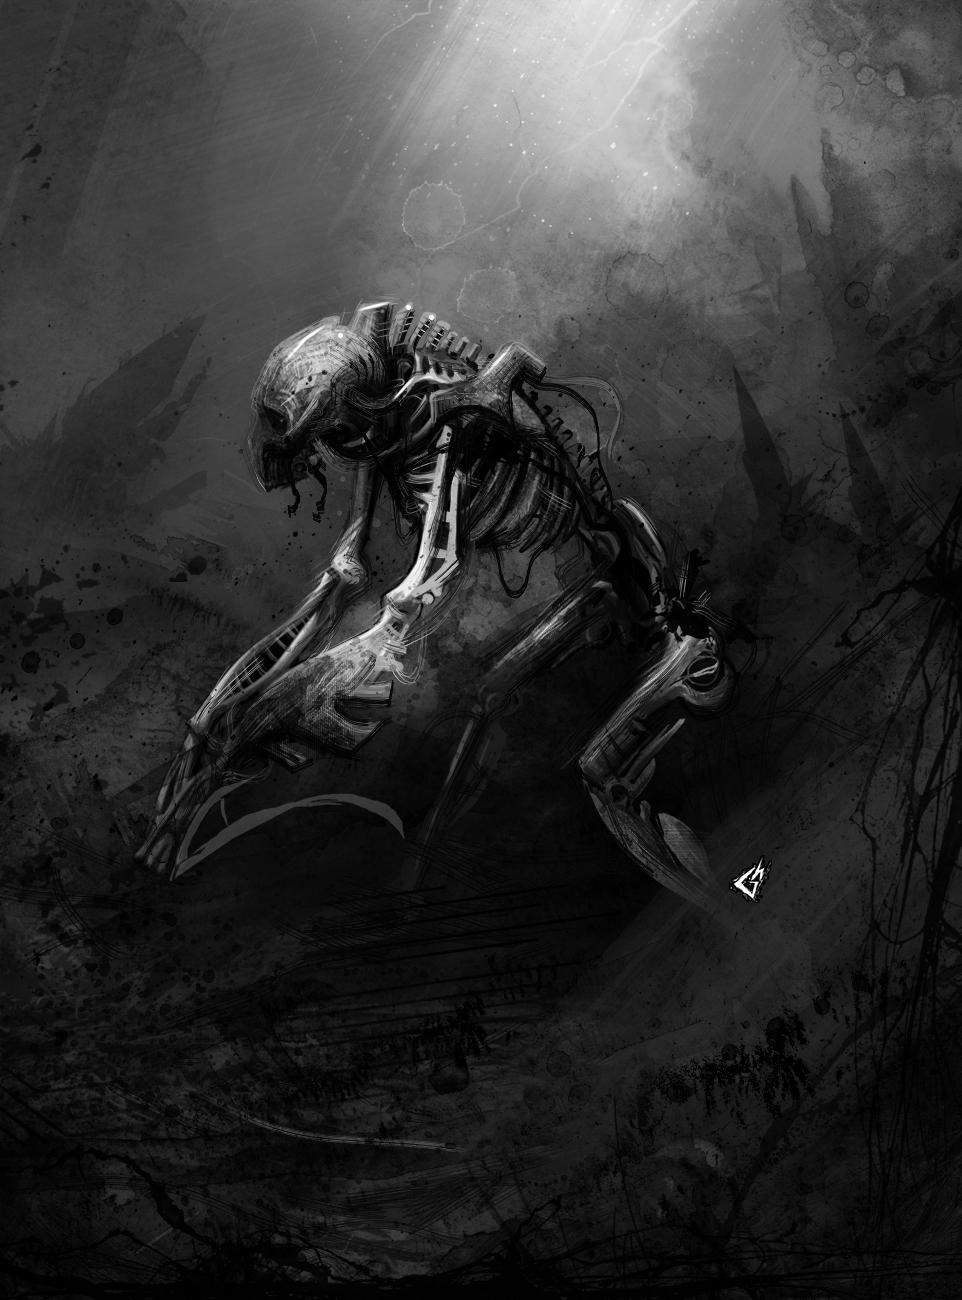 :Necron: Stalker Construct by GAVade